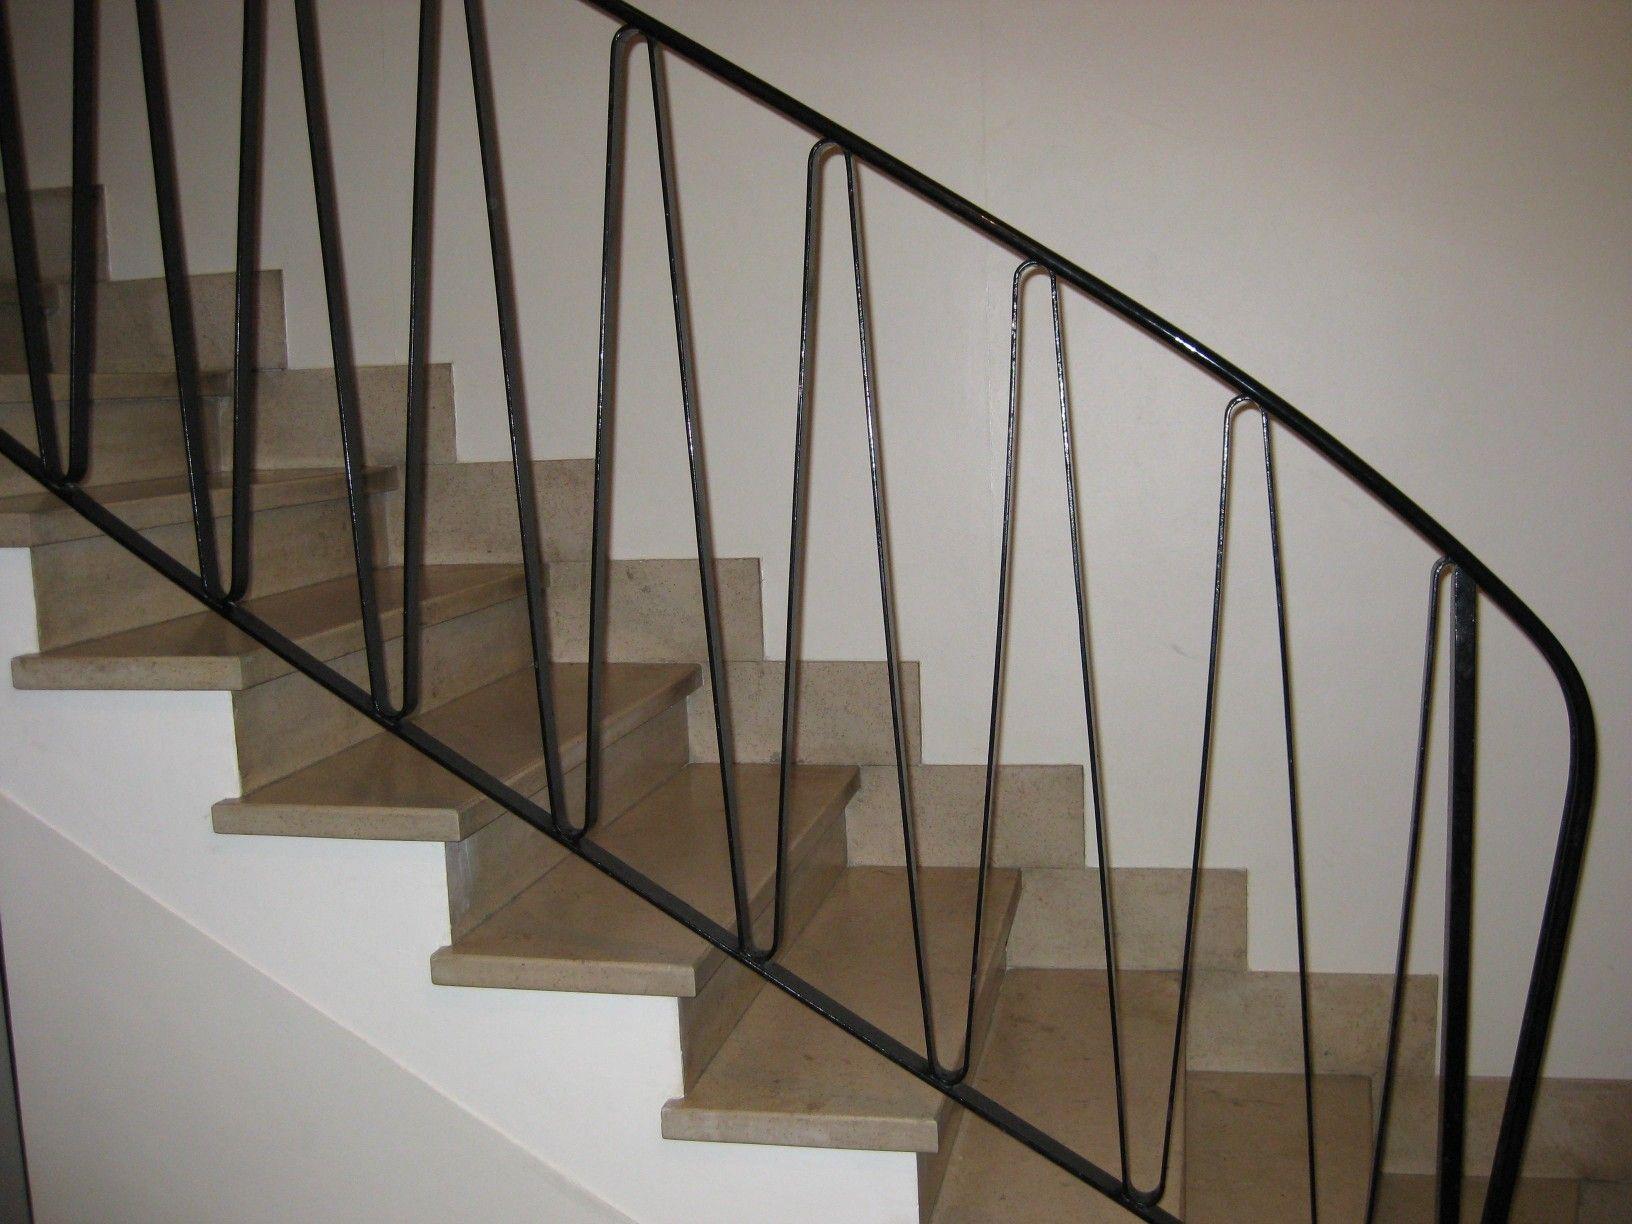 1950s hallway ideas  s banister  New House  Pinterest  Banisters Living room